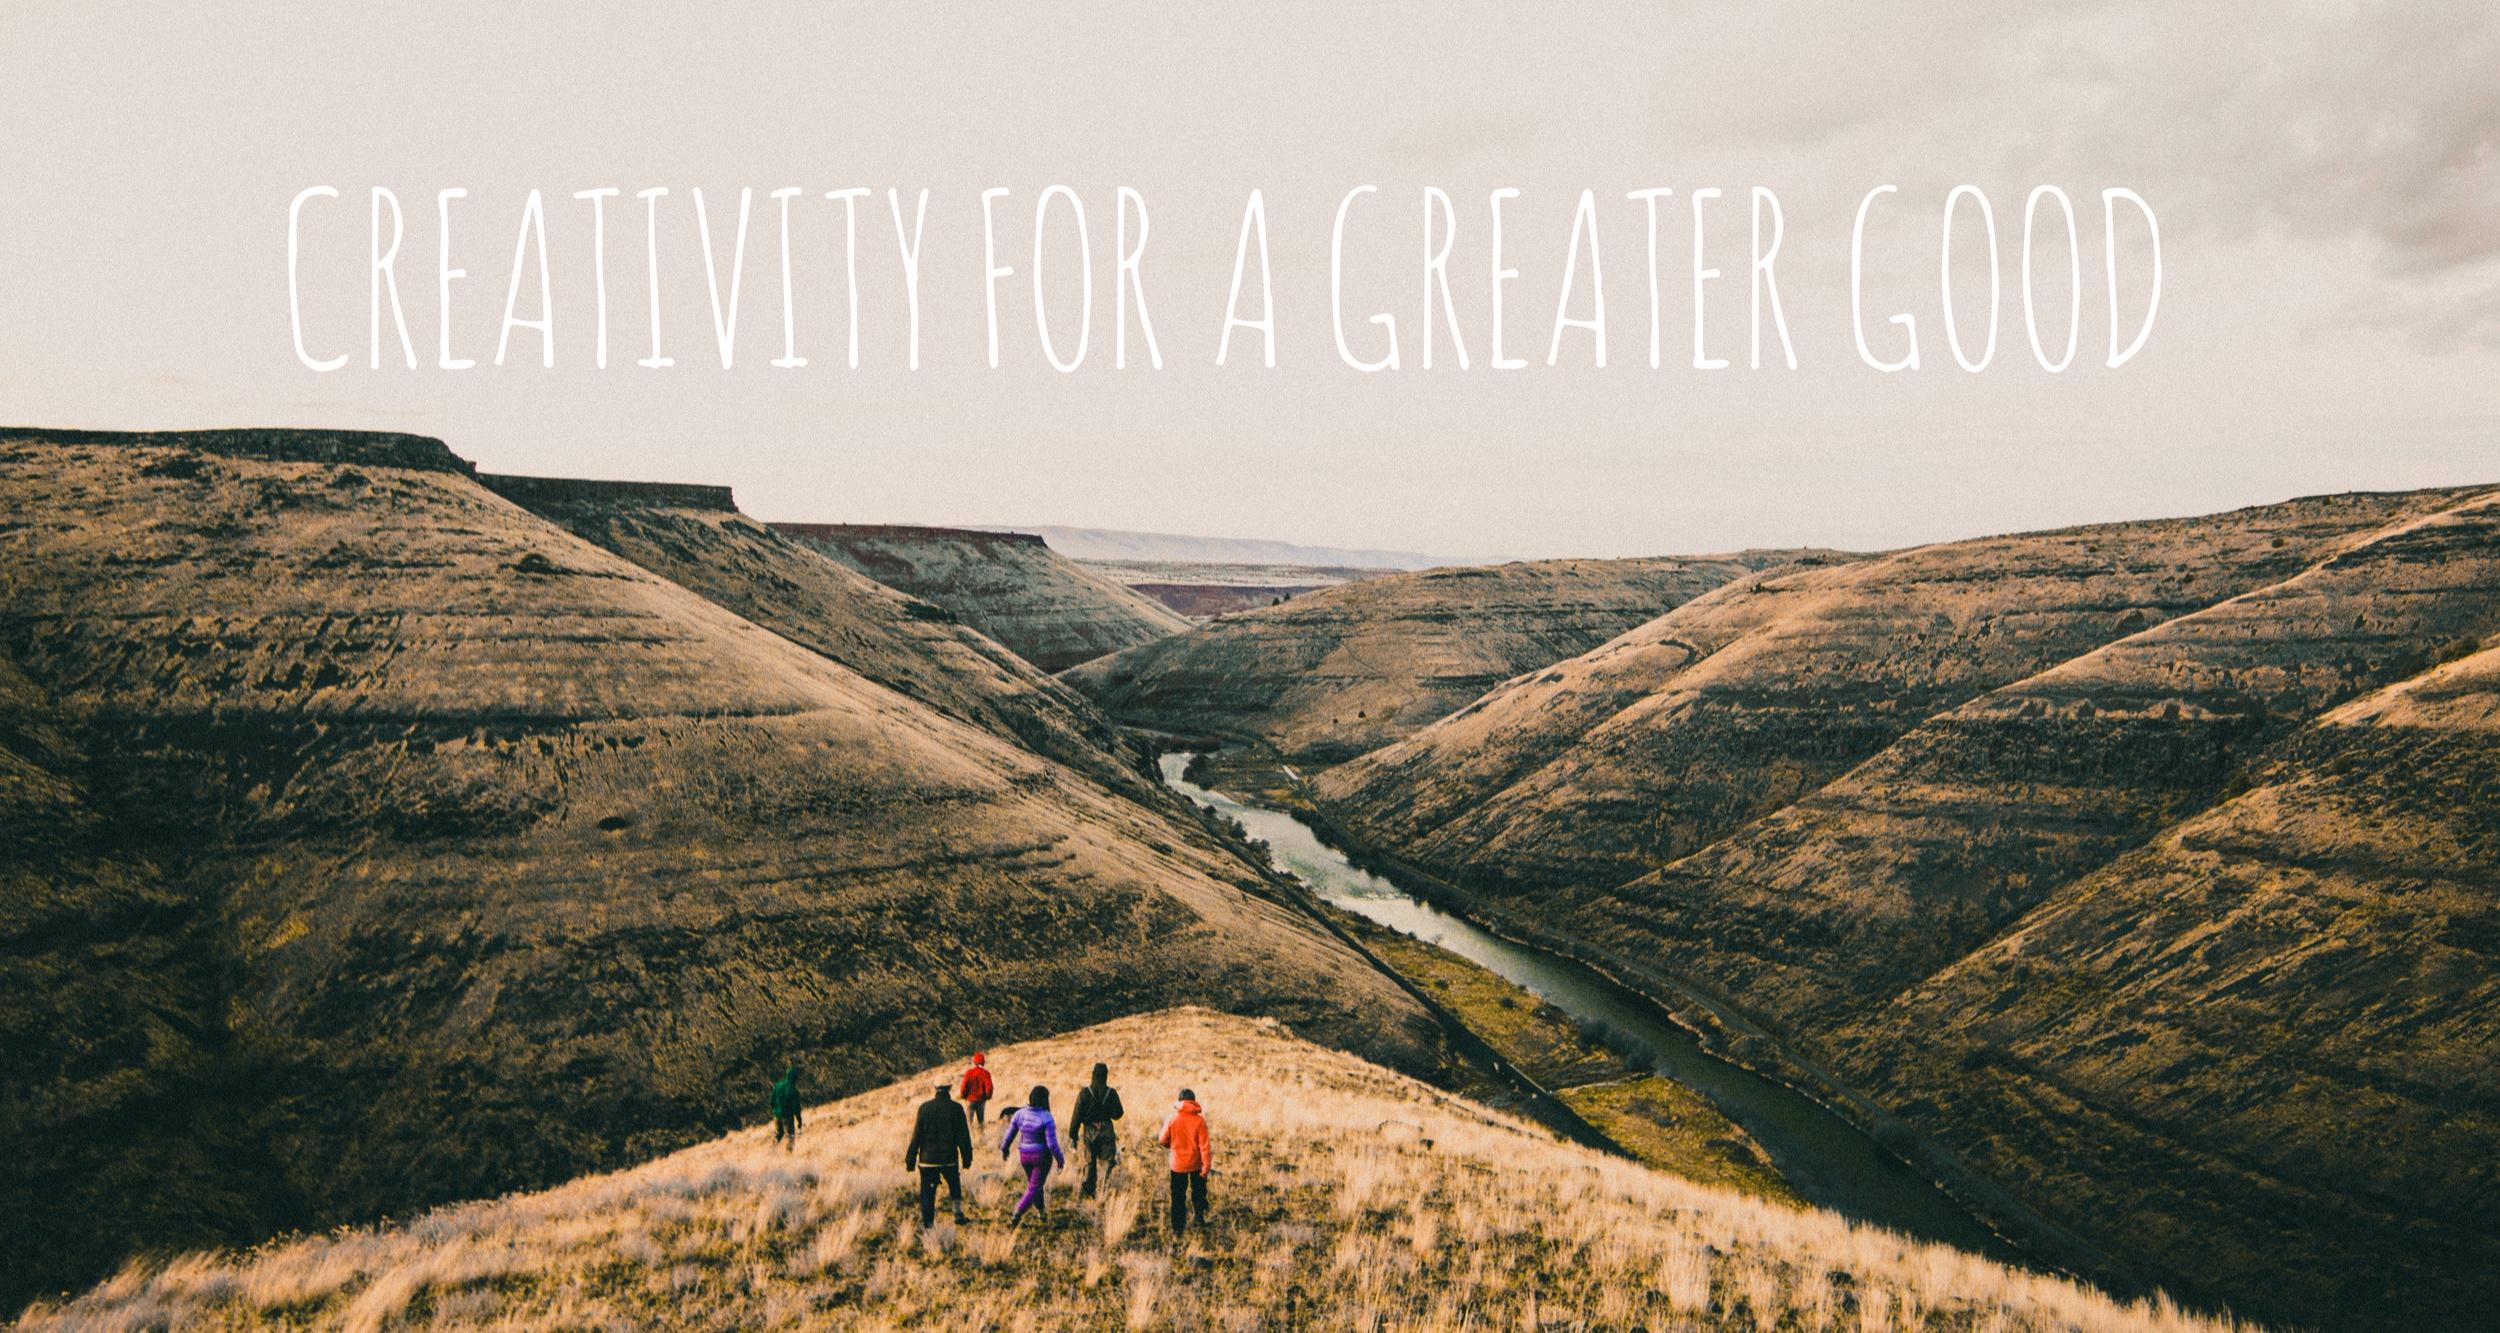 CREATIVITY+FOR+A+GREATER+GOOD.jpg